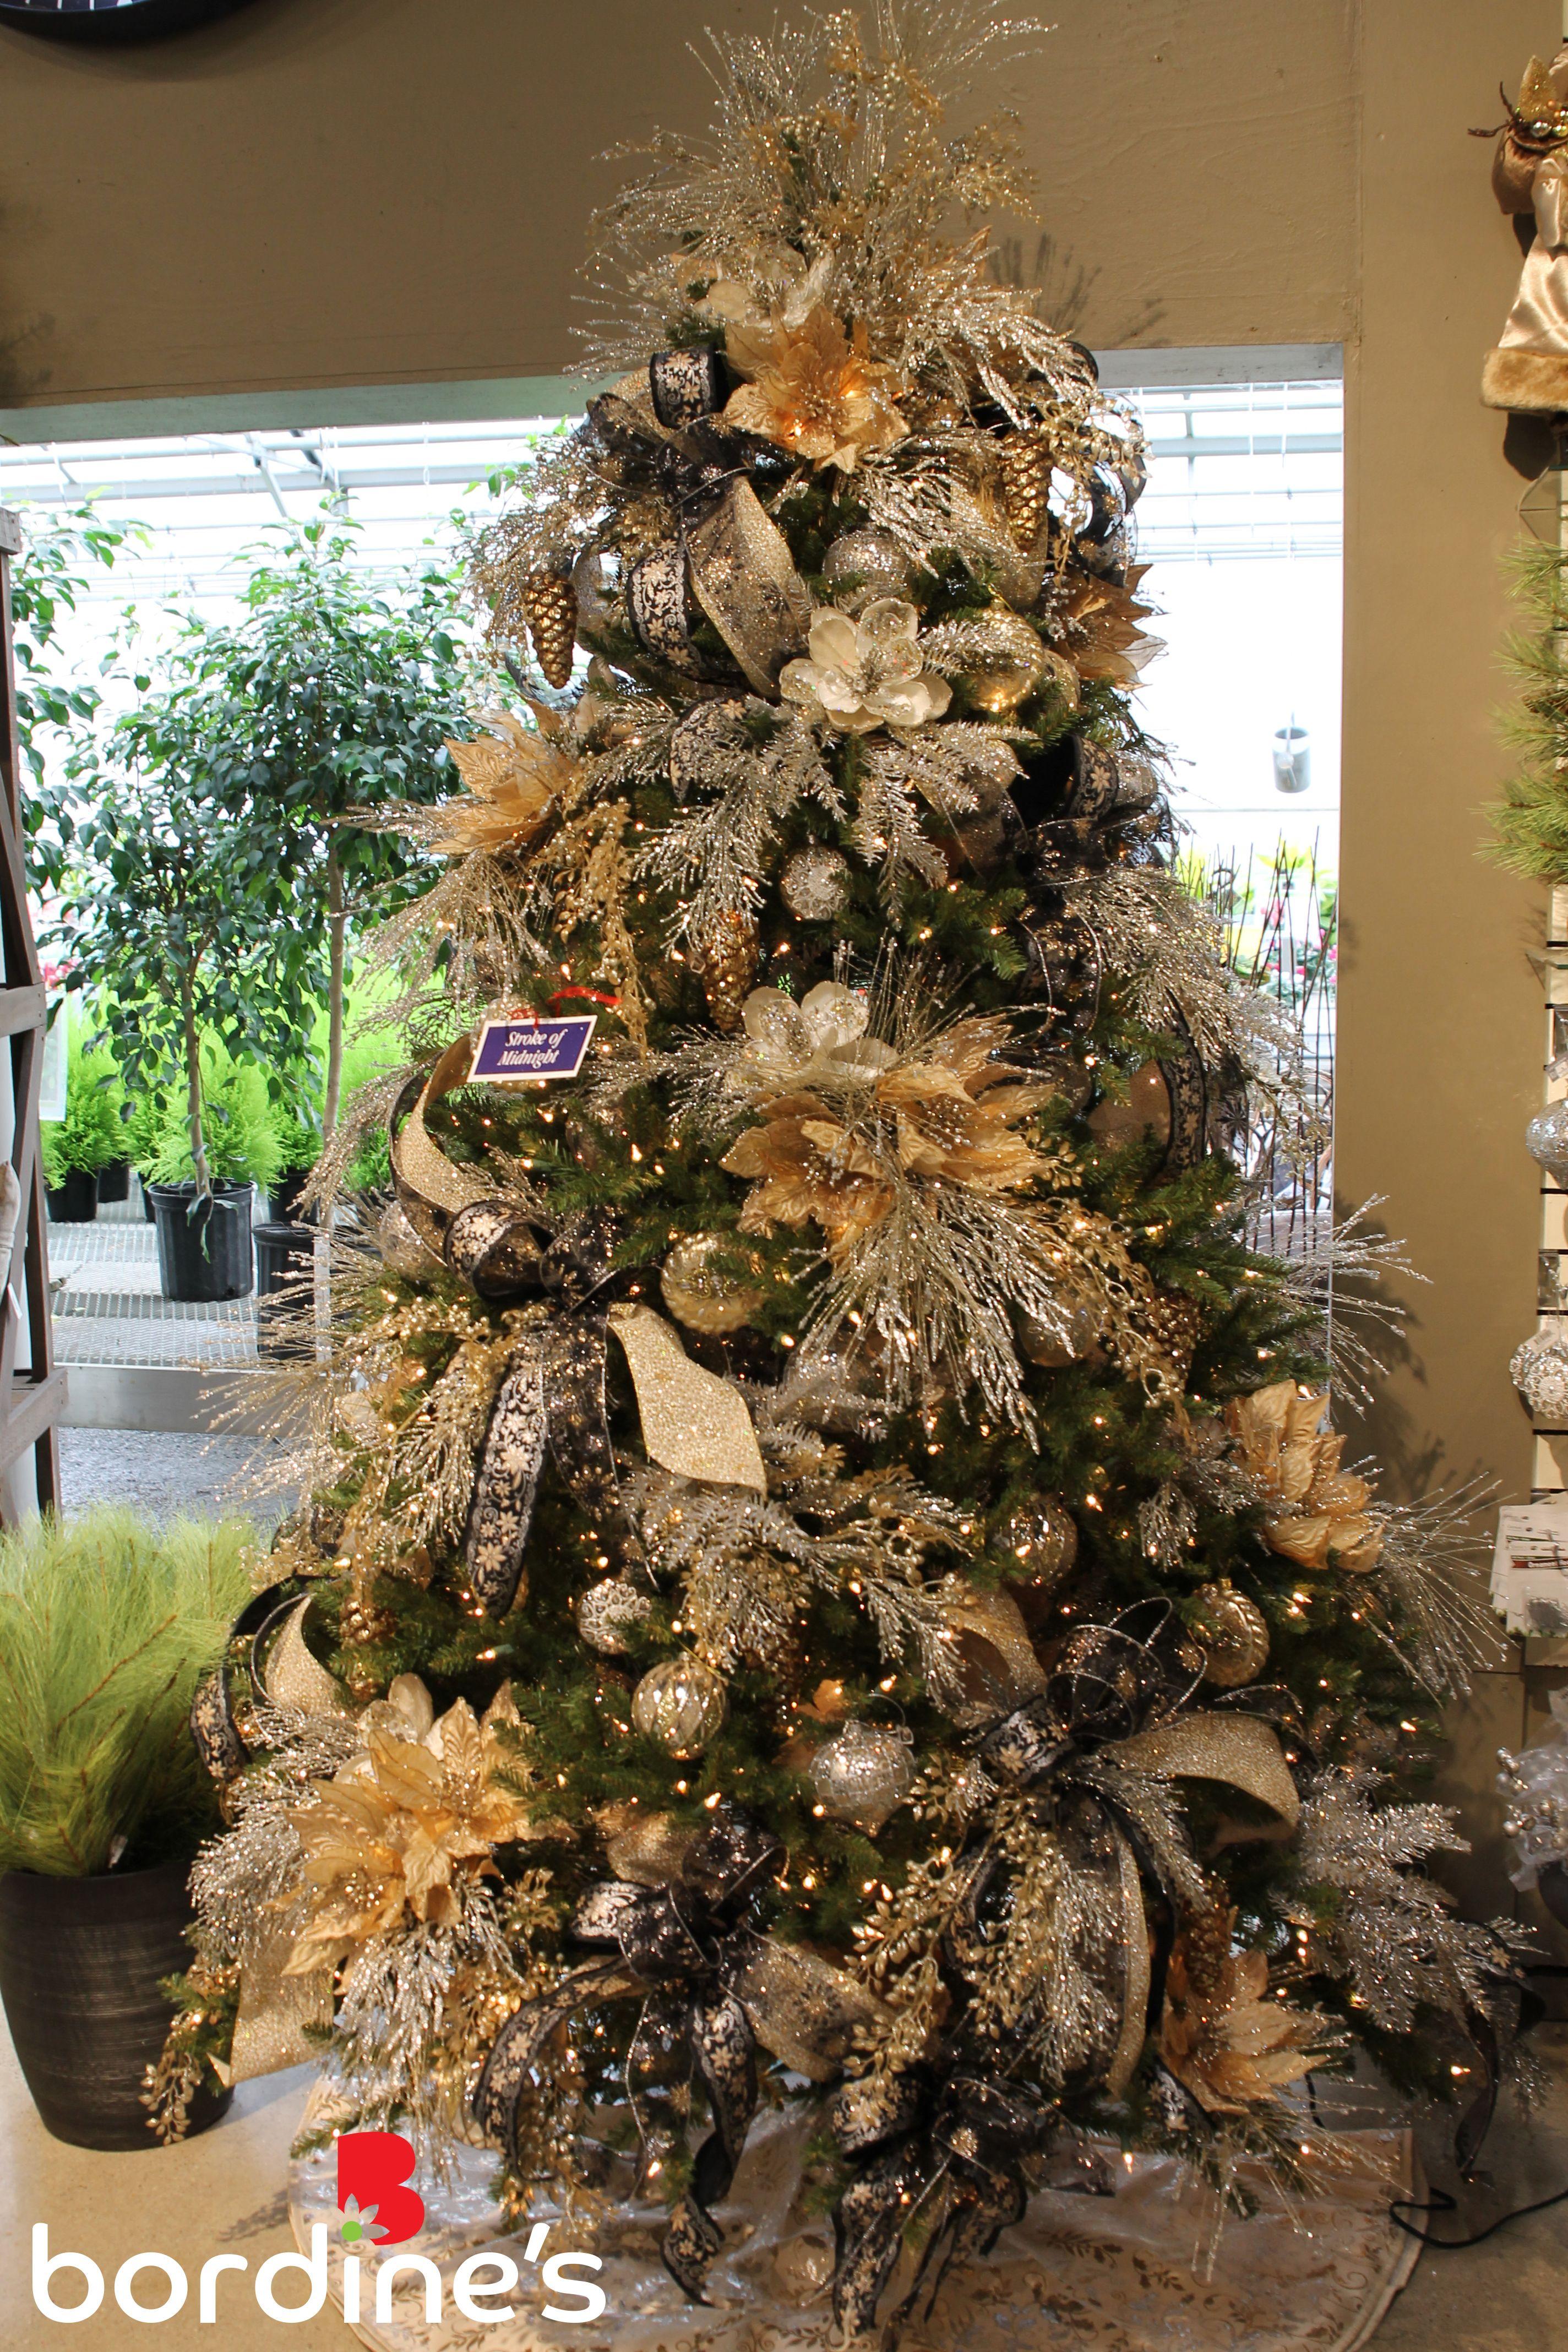 Pin De Karan Justus En Bordine S Designer Christmas Trees Decoracion Pinas Navidad Decoracion Arbol De Navidad Ideas Para Arboles De Navidad